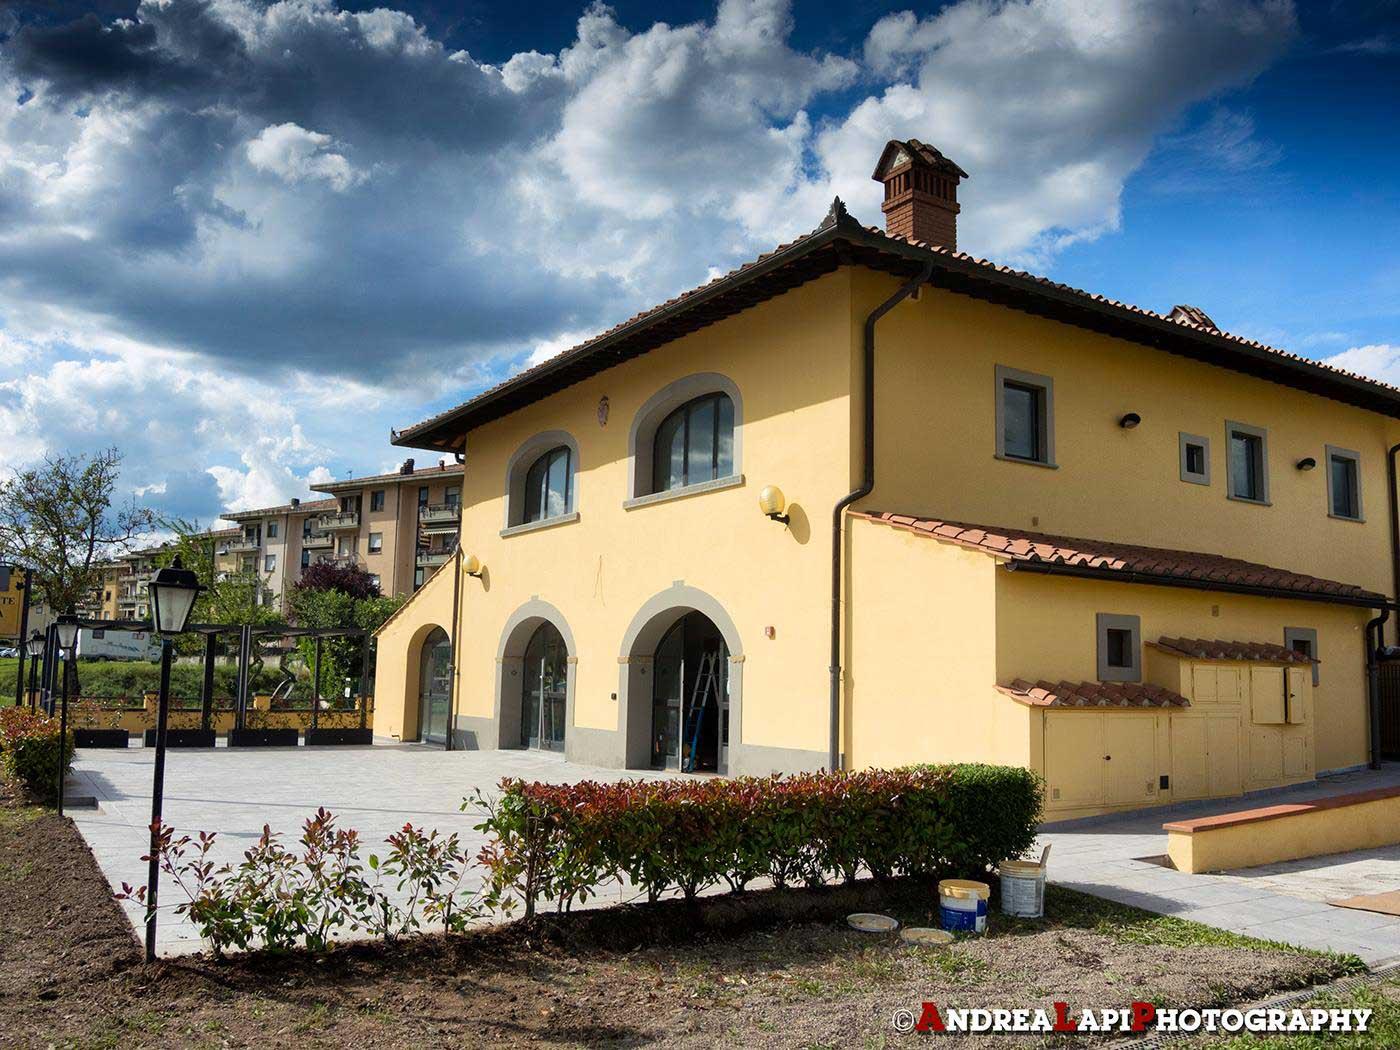 gran-disio-borgo-san-lorenzo-villa-vip-luigi-incrocci